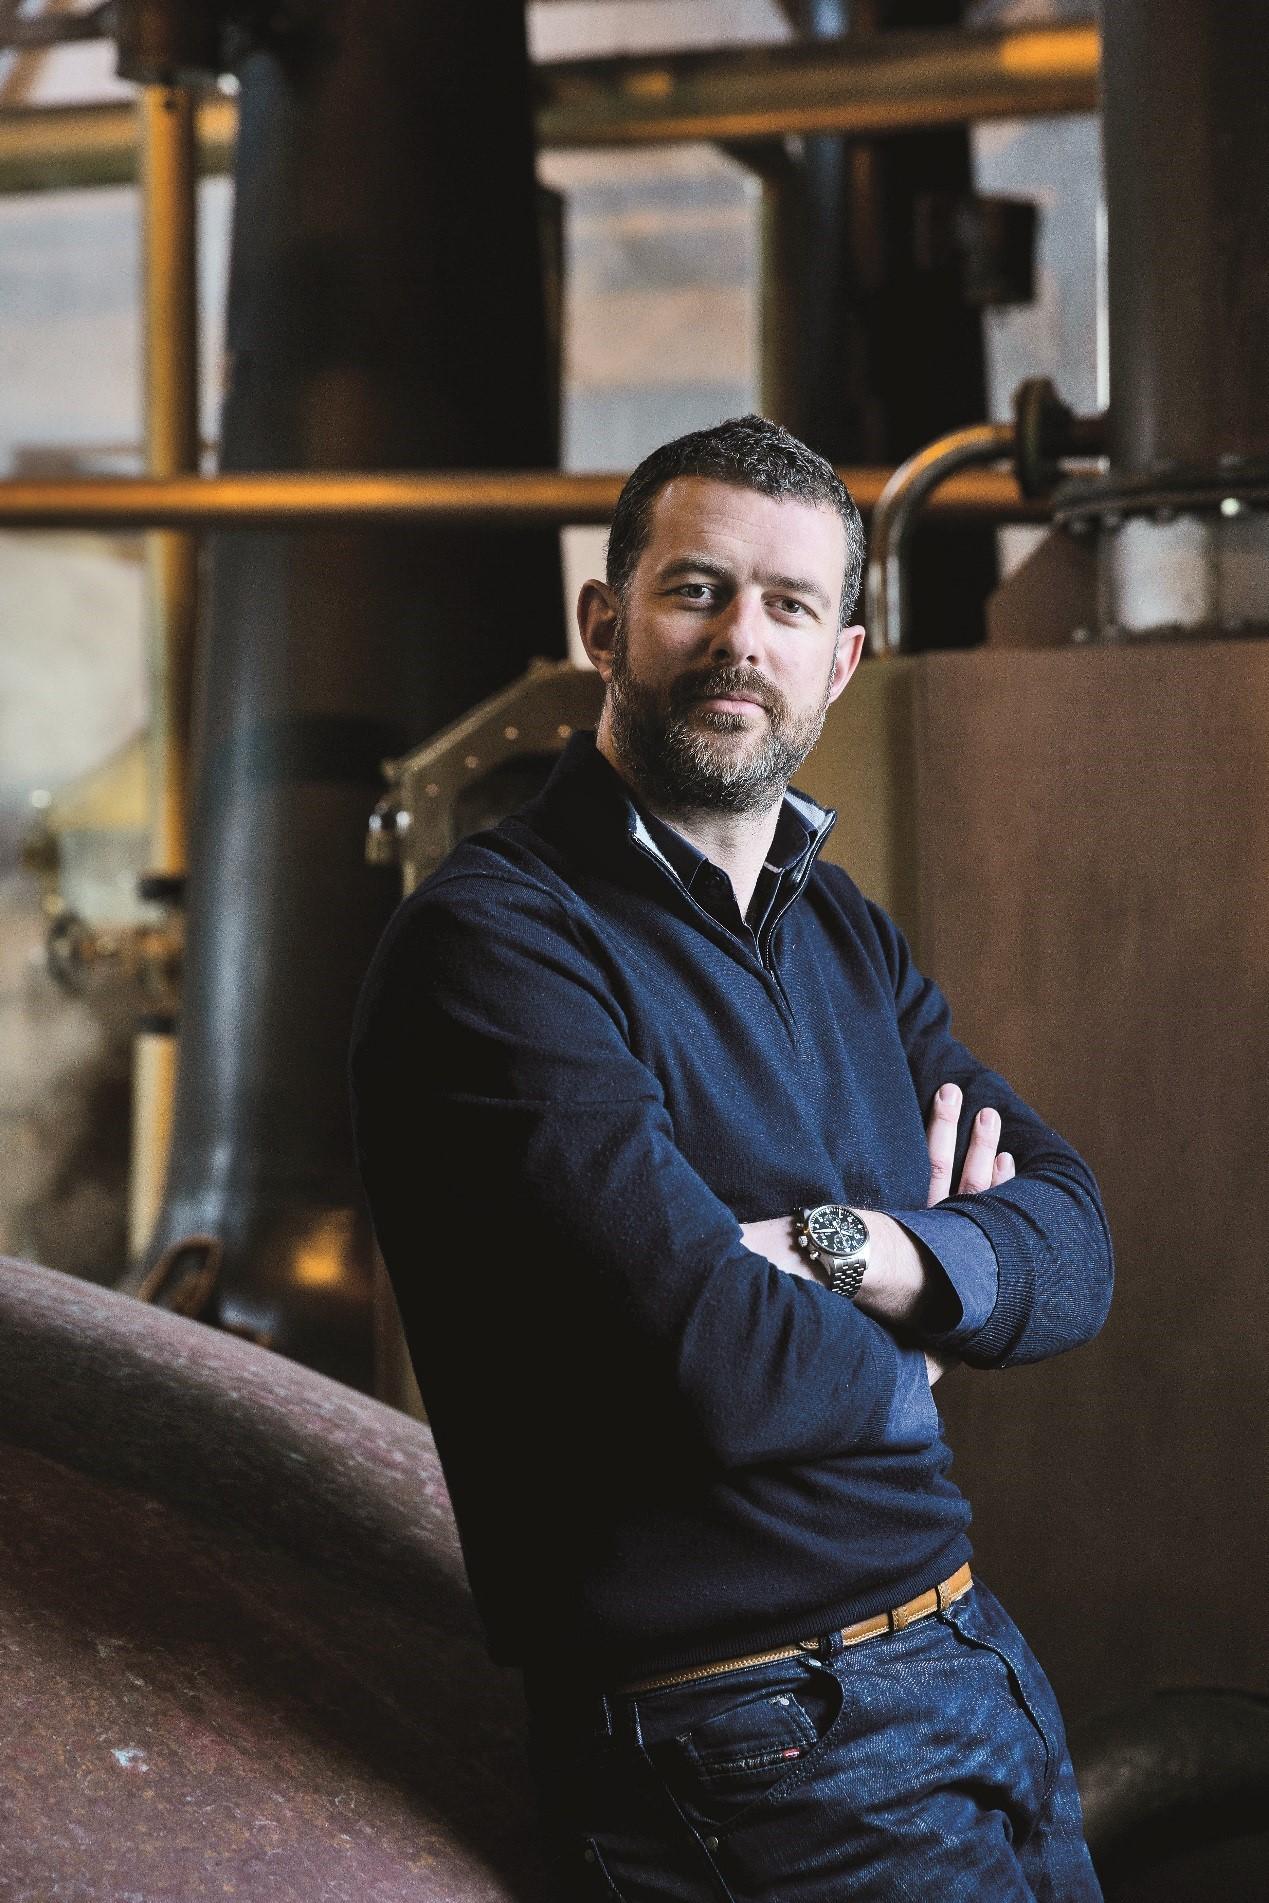 Douglas Taylor 现任布赫拉迪全球CEO。布赫拉迪是来自苏格兰的单一麦芽威士忌品牌,并于2012年加入法国人头马君度集团。